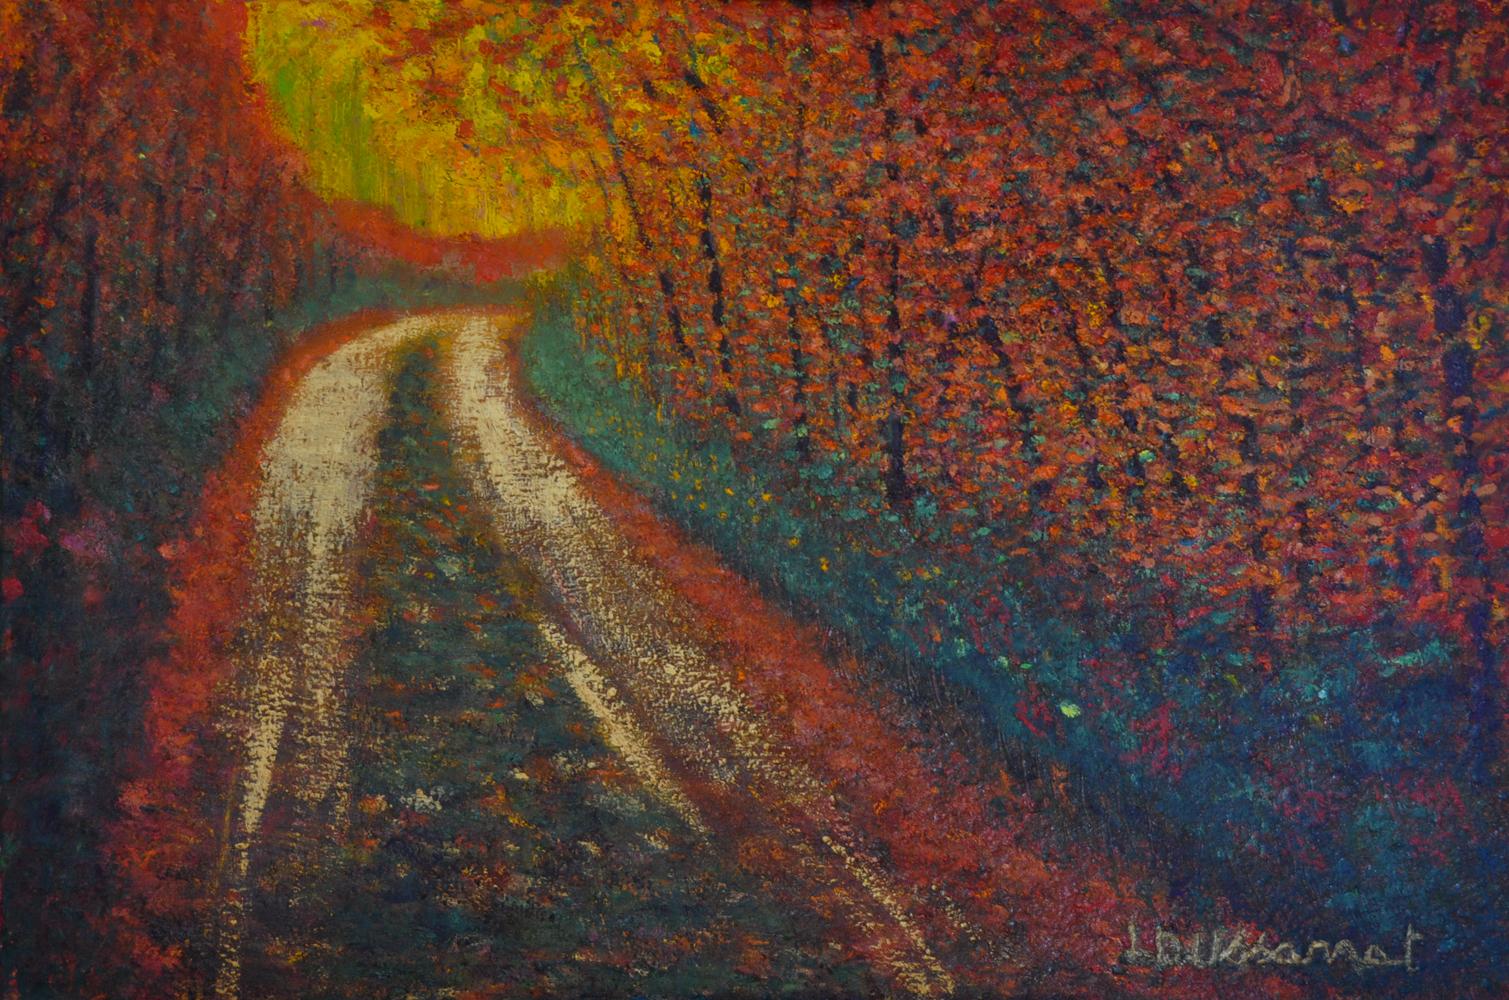 Autumn mood. Huile sur toile, 80x120, 2018